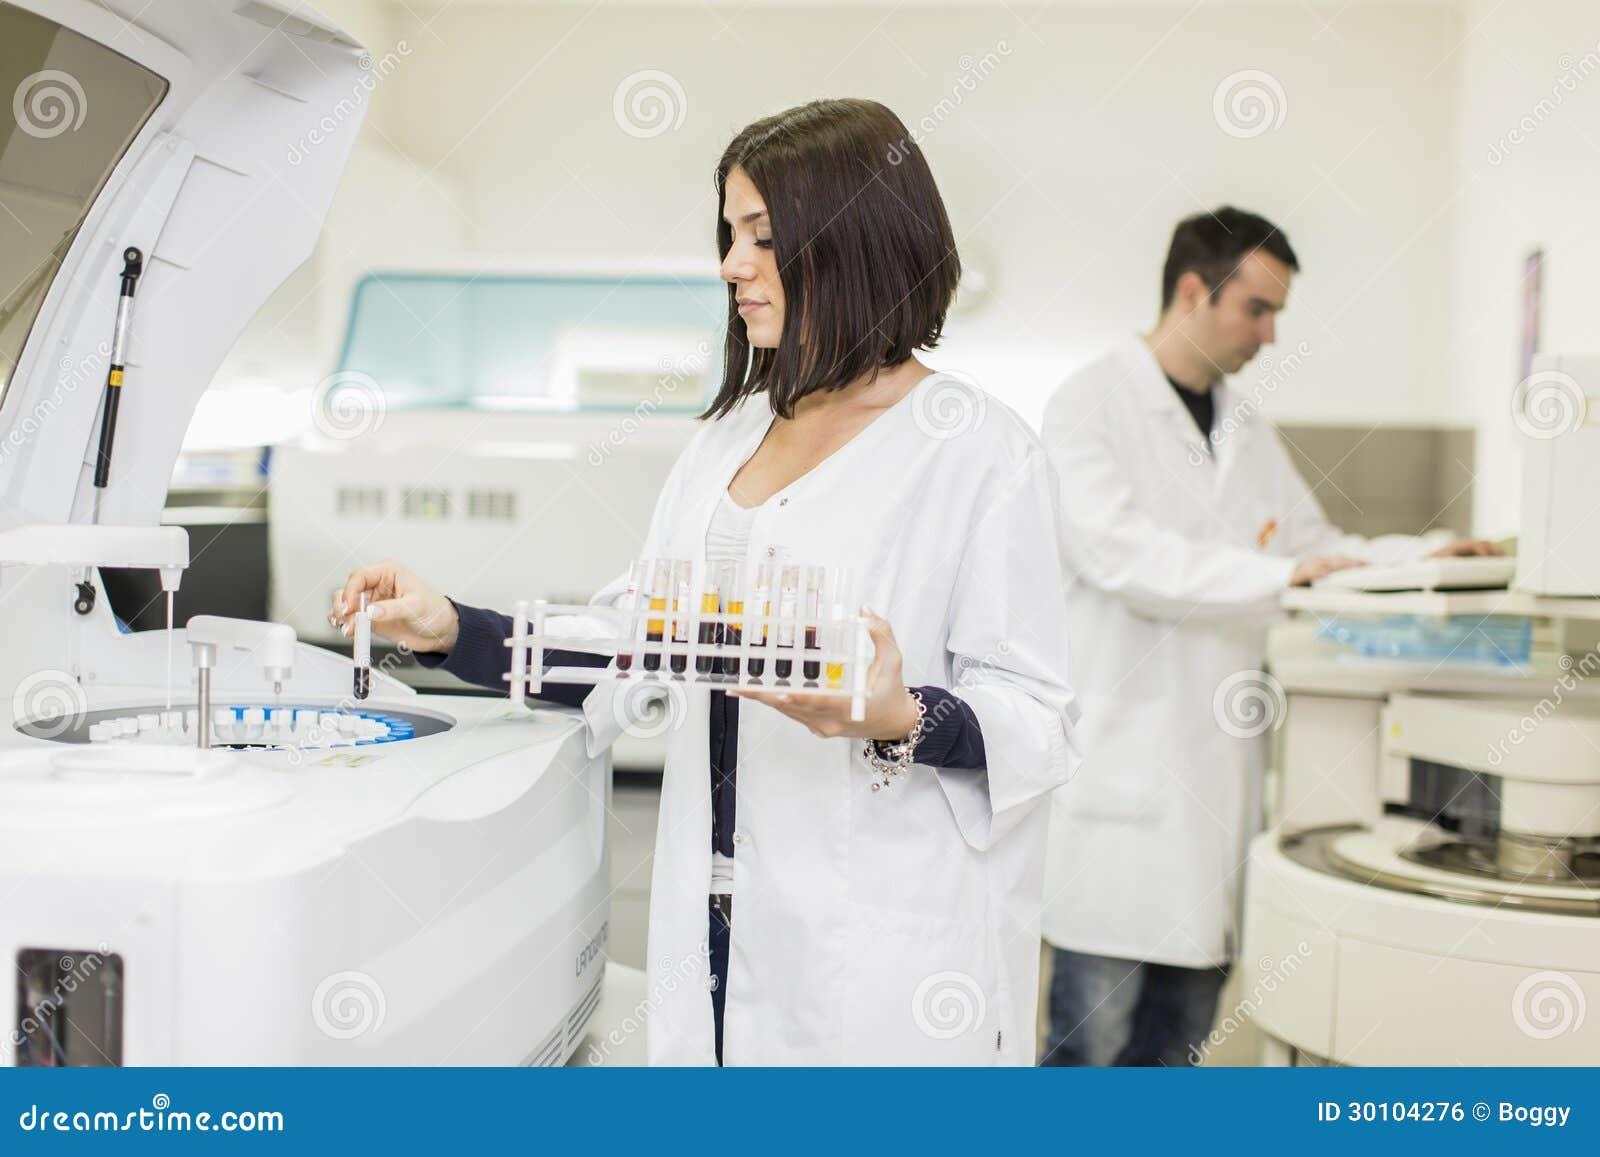 医学实验室